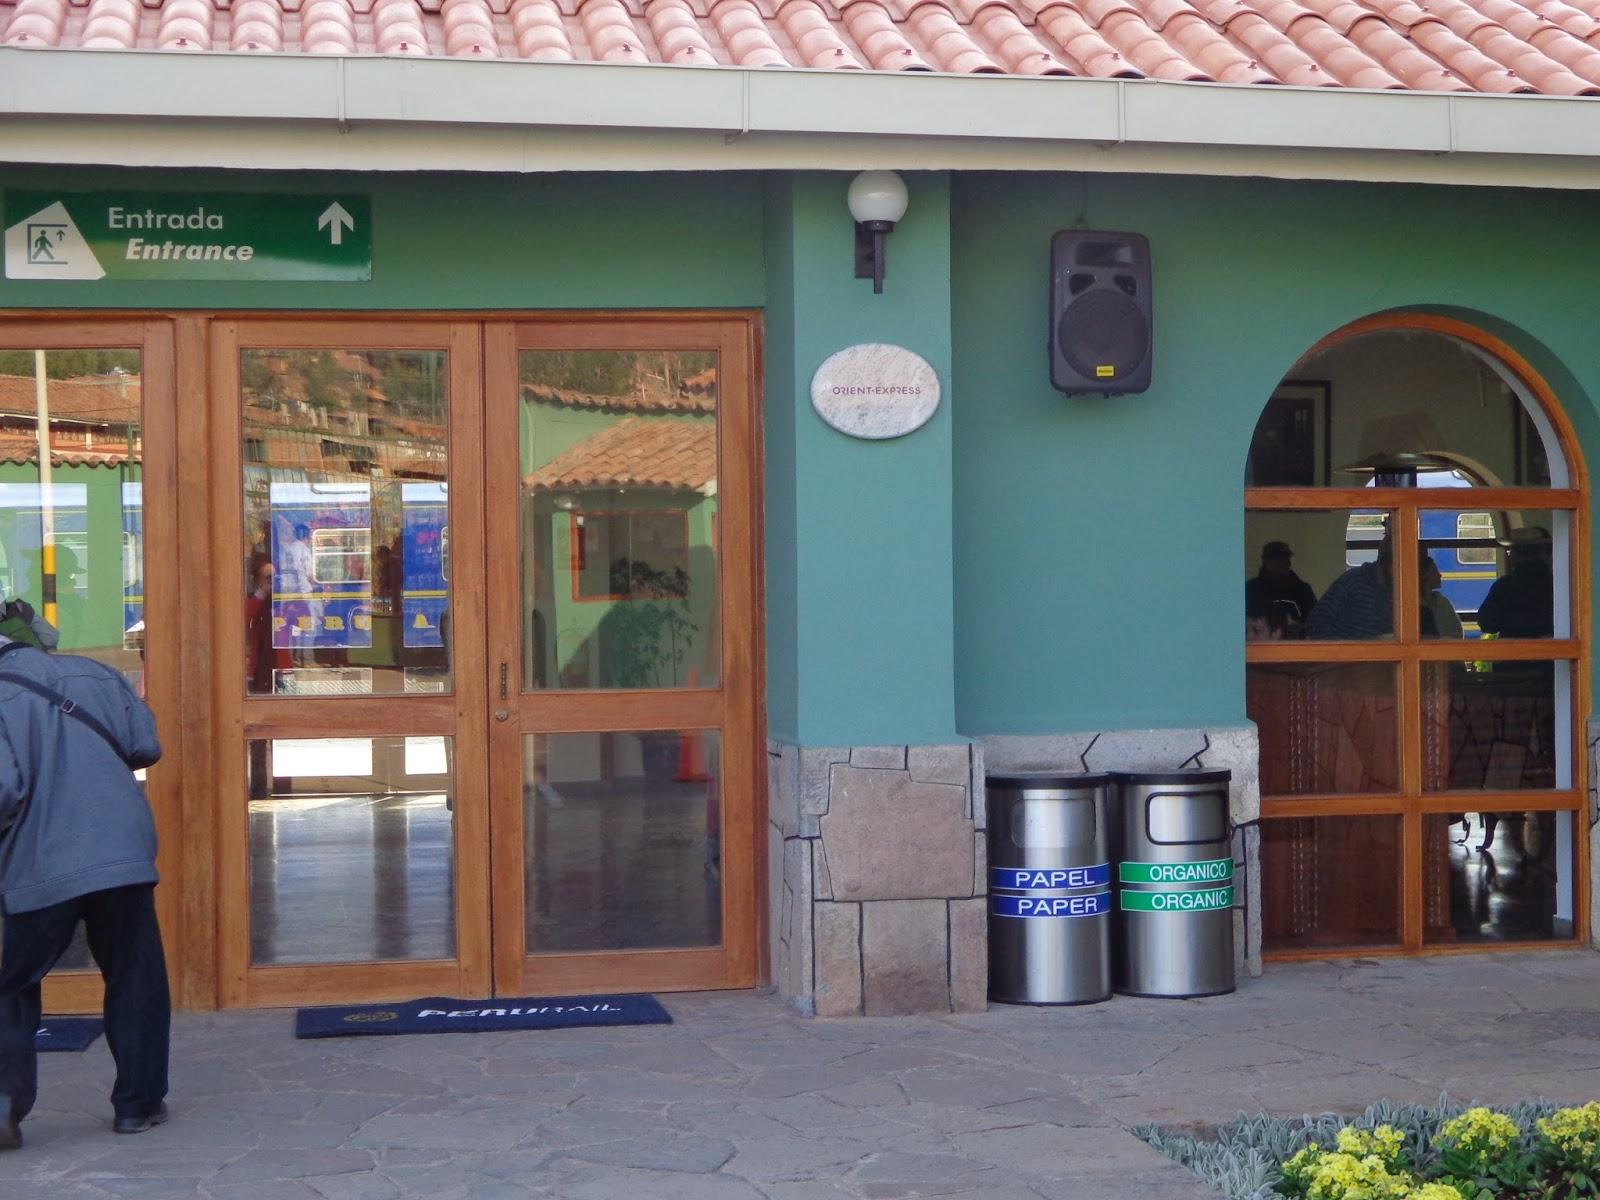 À CAMINHO DE MACHU PICCHU - Cusco, Peru